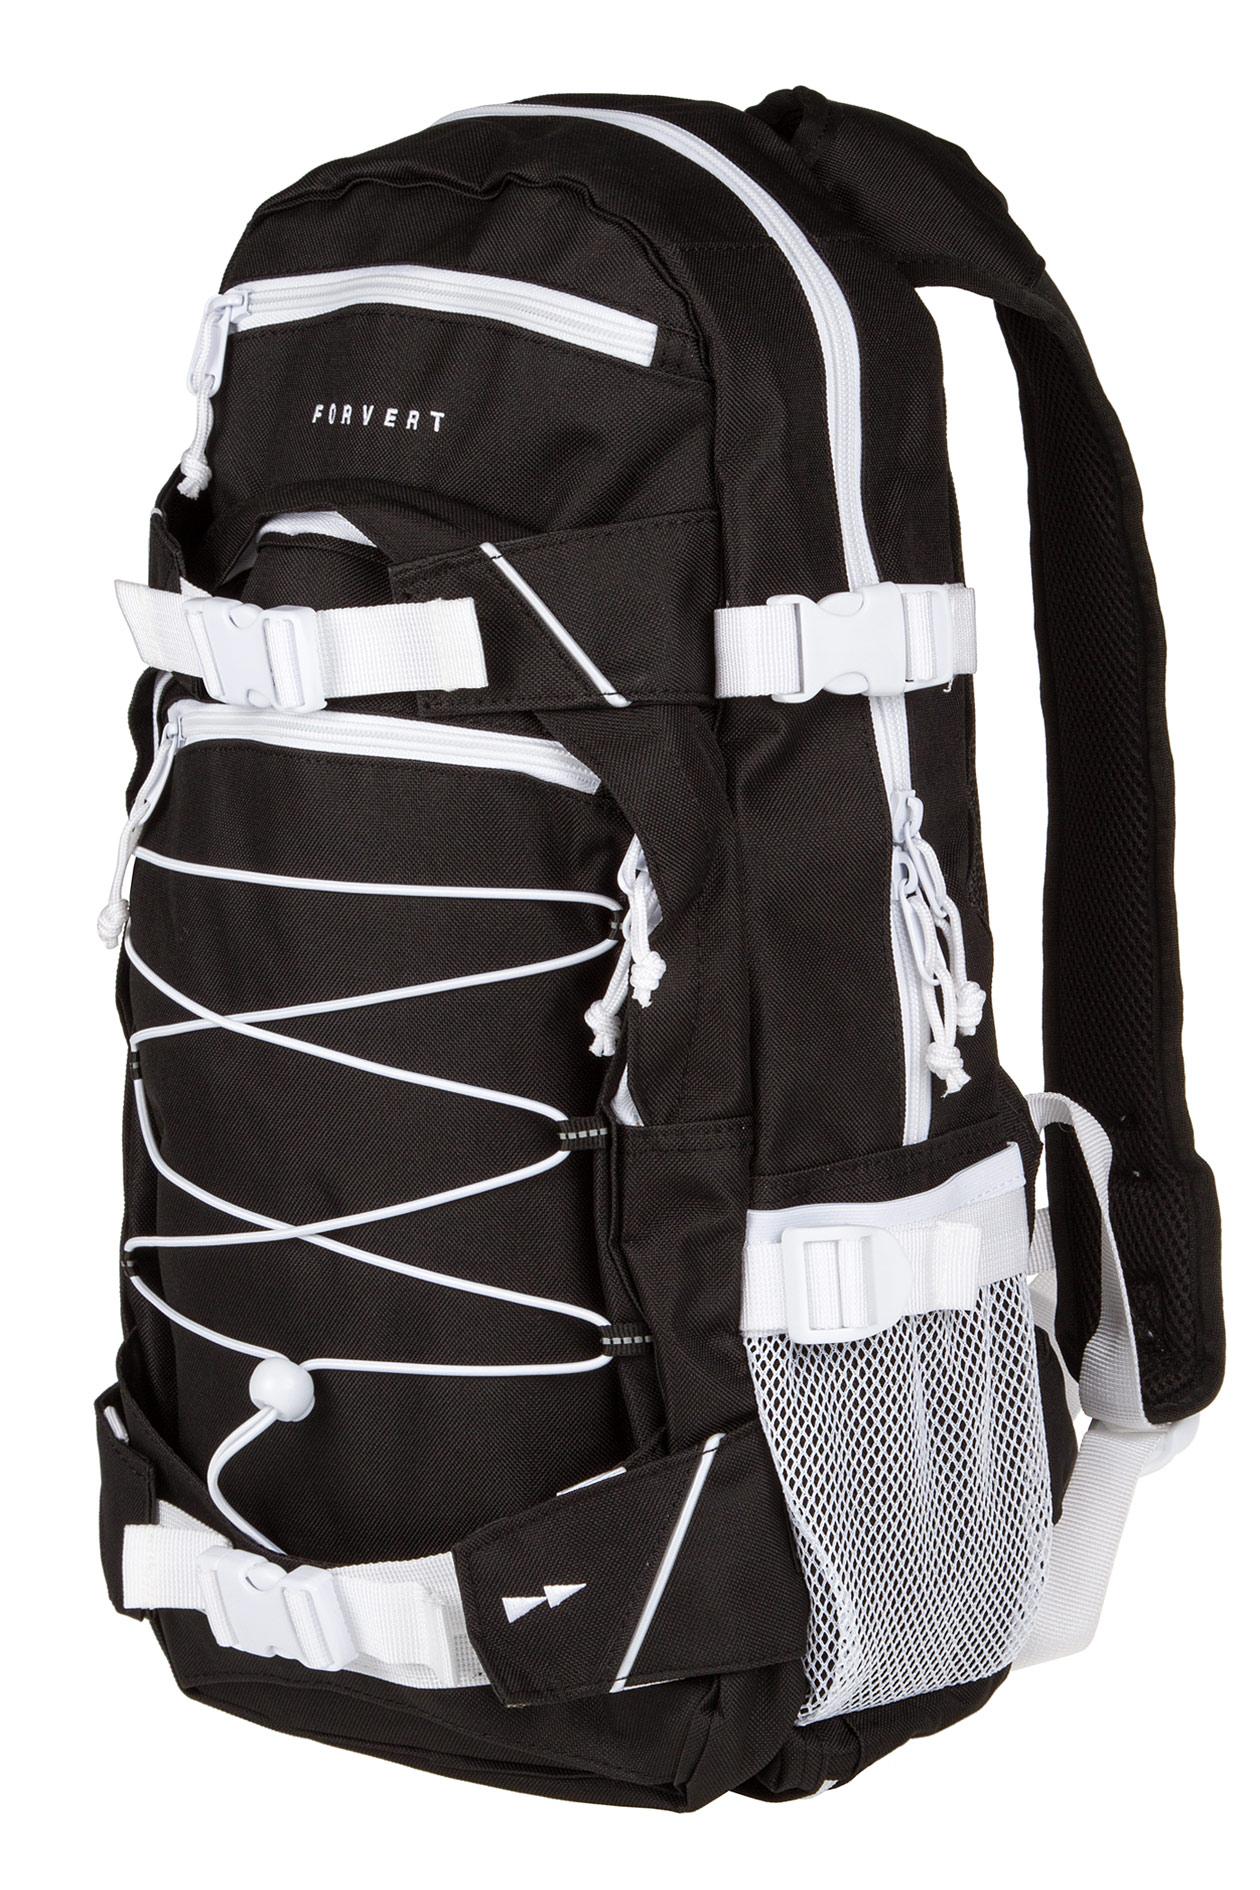 forvert ice louis backpack 20l black buy at skatedeluxe. Black Bedroom Furniture Sets. Home Design Ideas